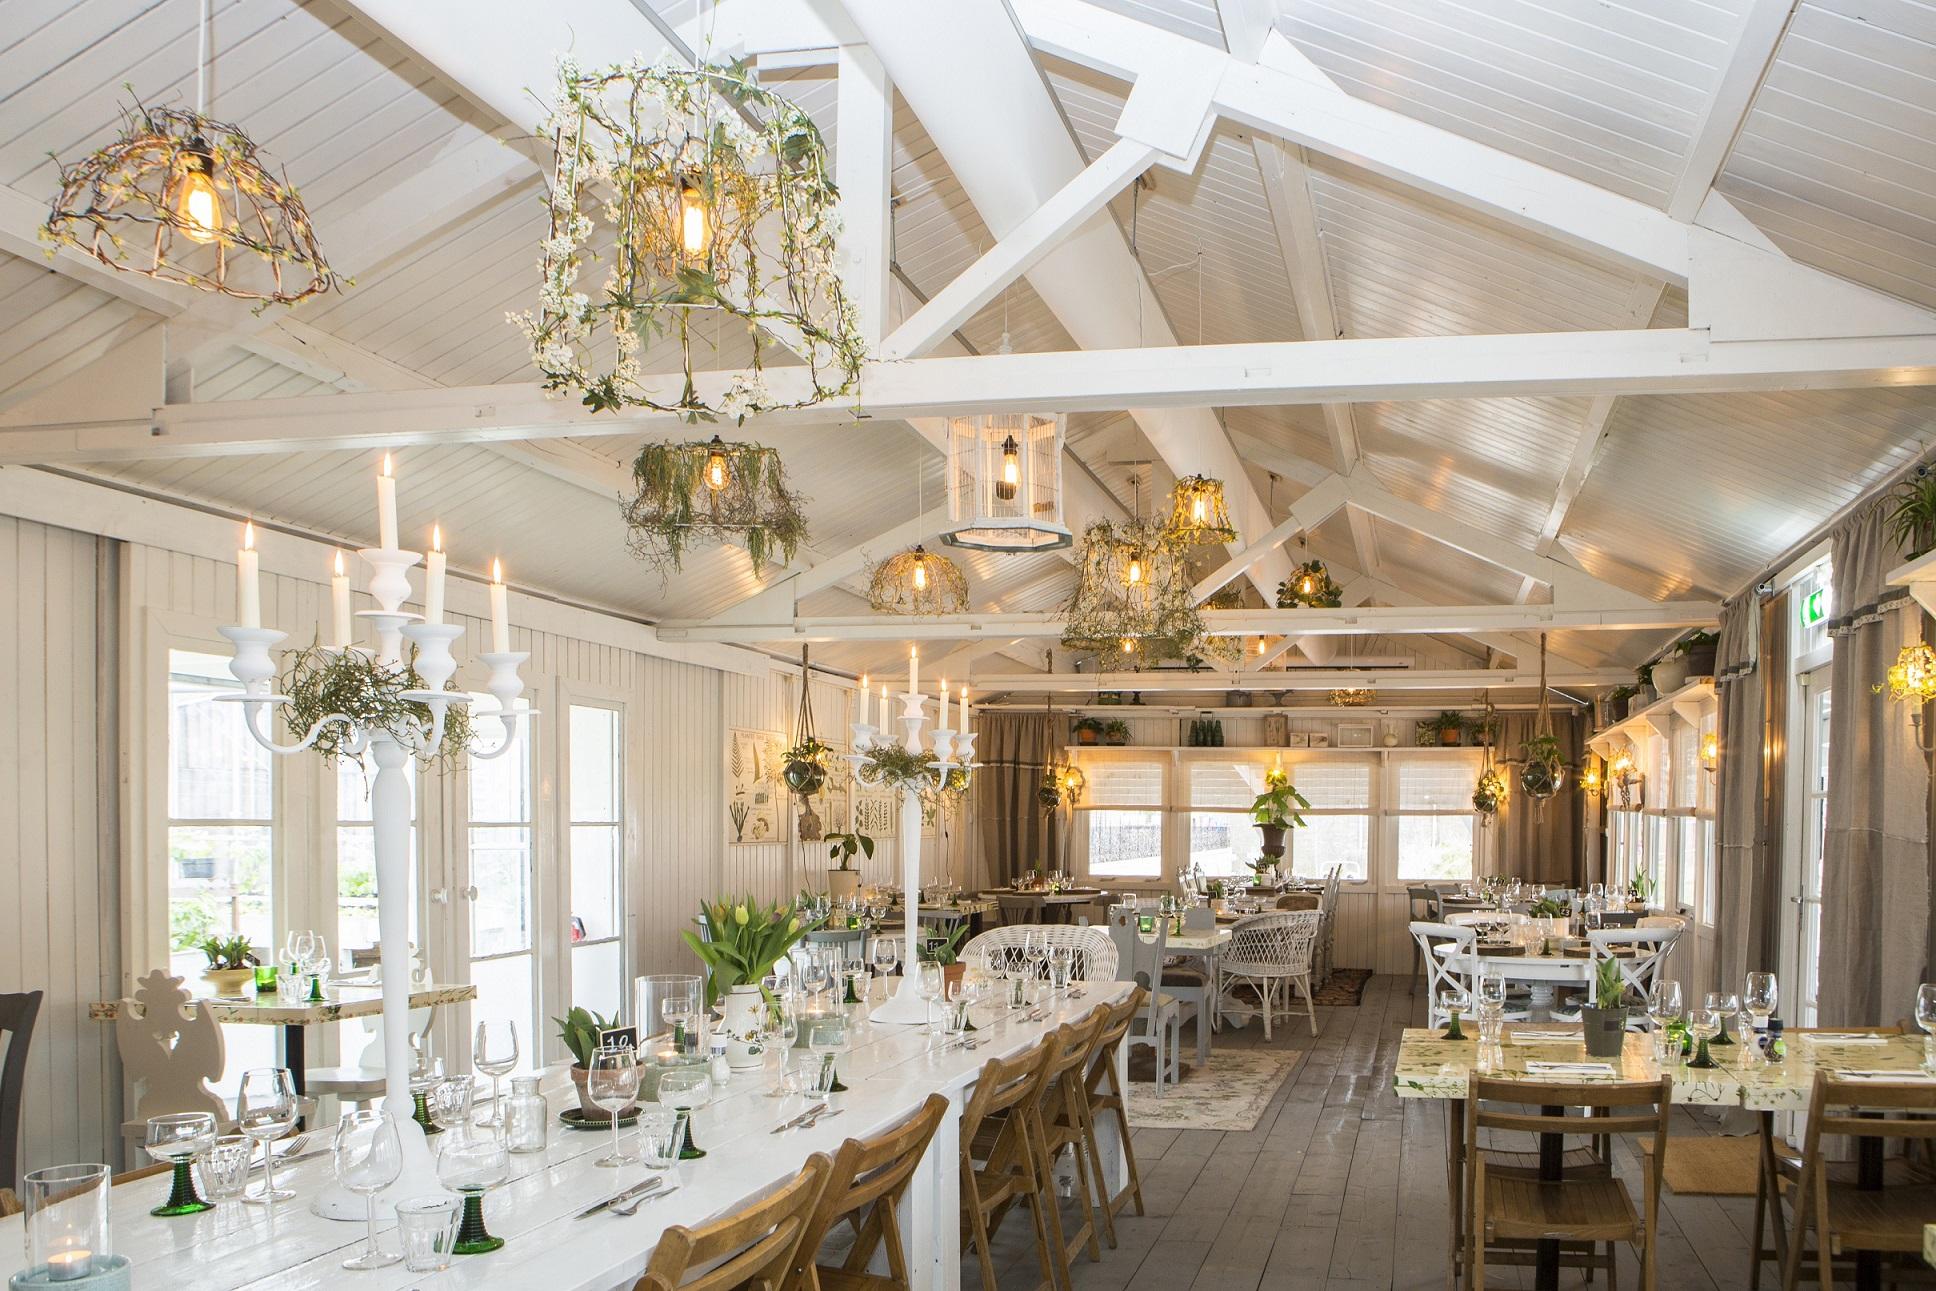 Dlc restaurant een locatie met een verhaal for Interieur amersfoort